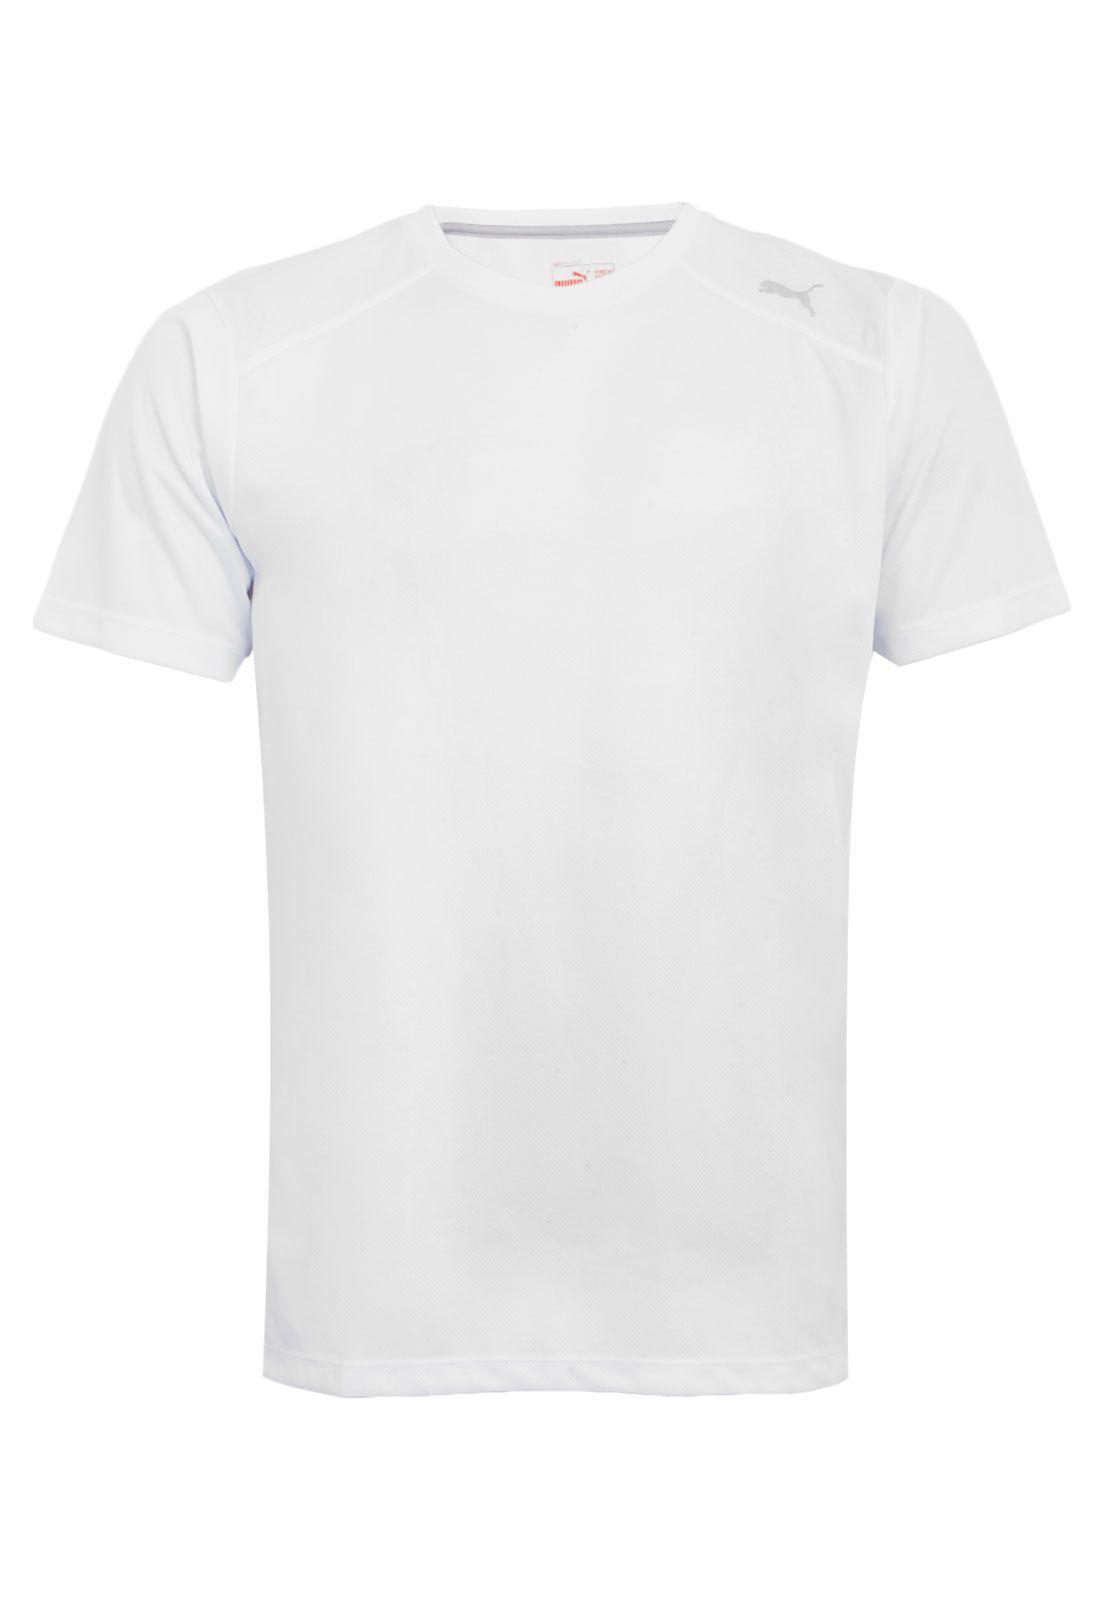 Camiseta Puma Dry Essential Branca Cód 513605 02